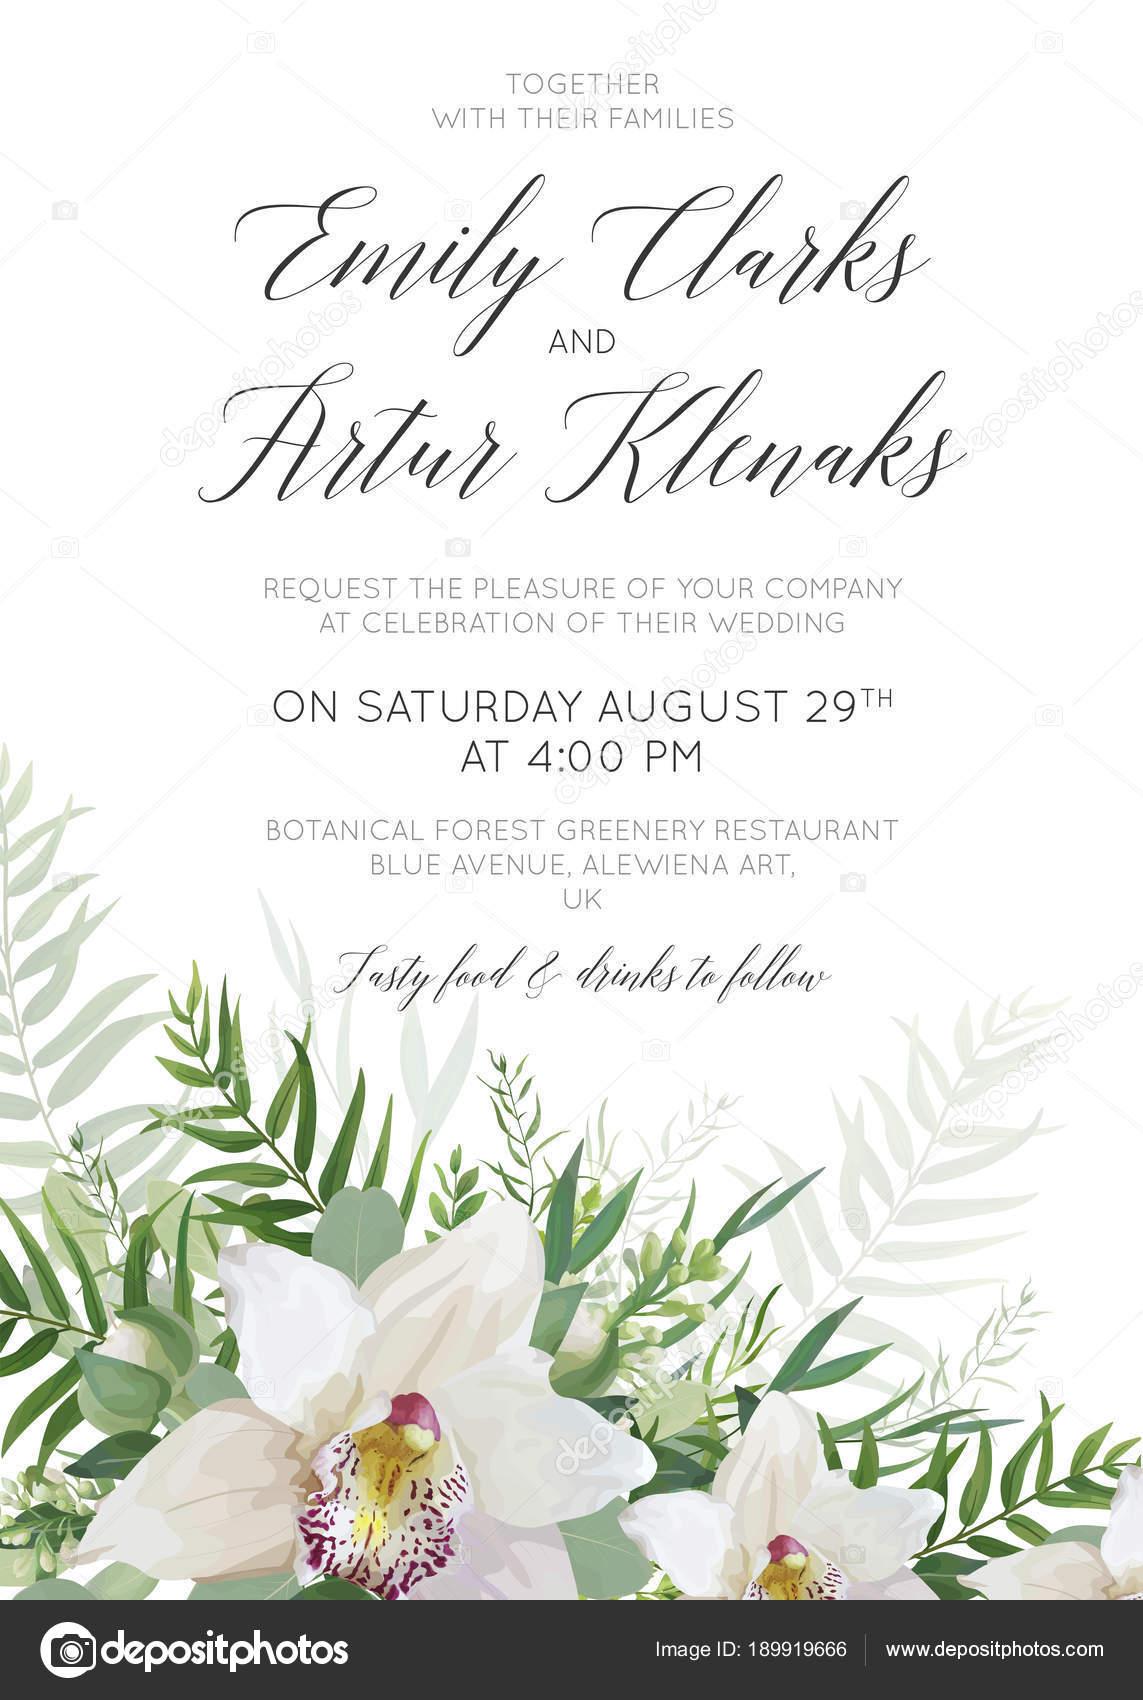 Wedding invitation, invite, save the date card delicate design with ...